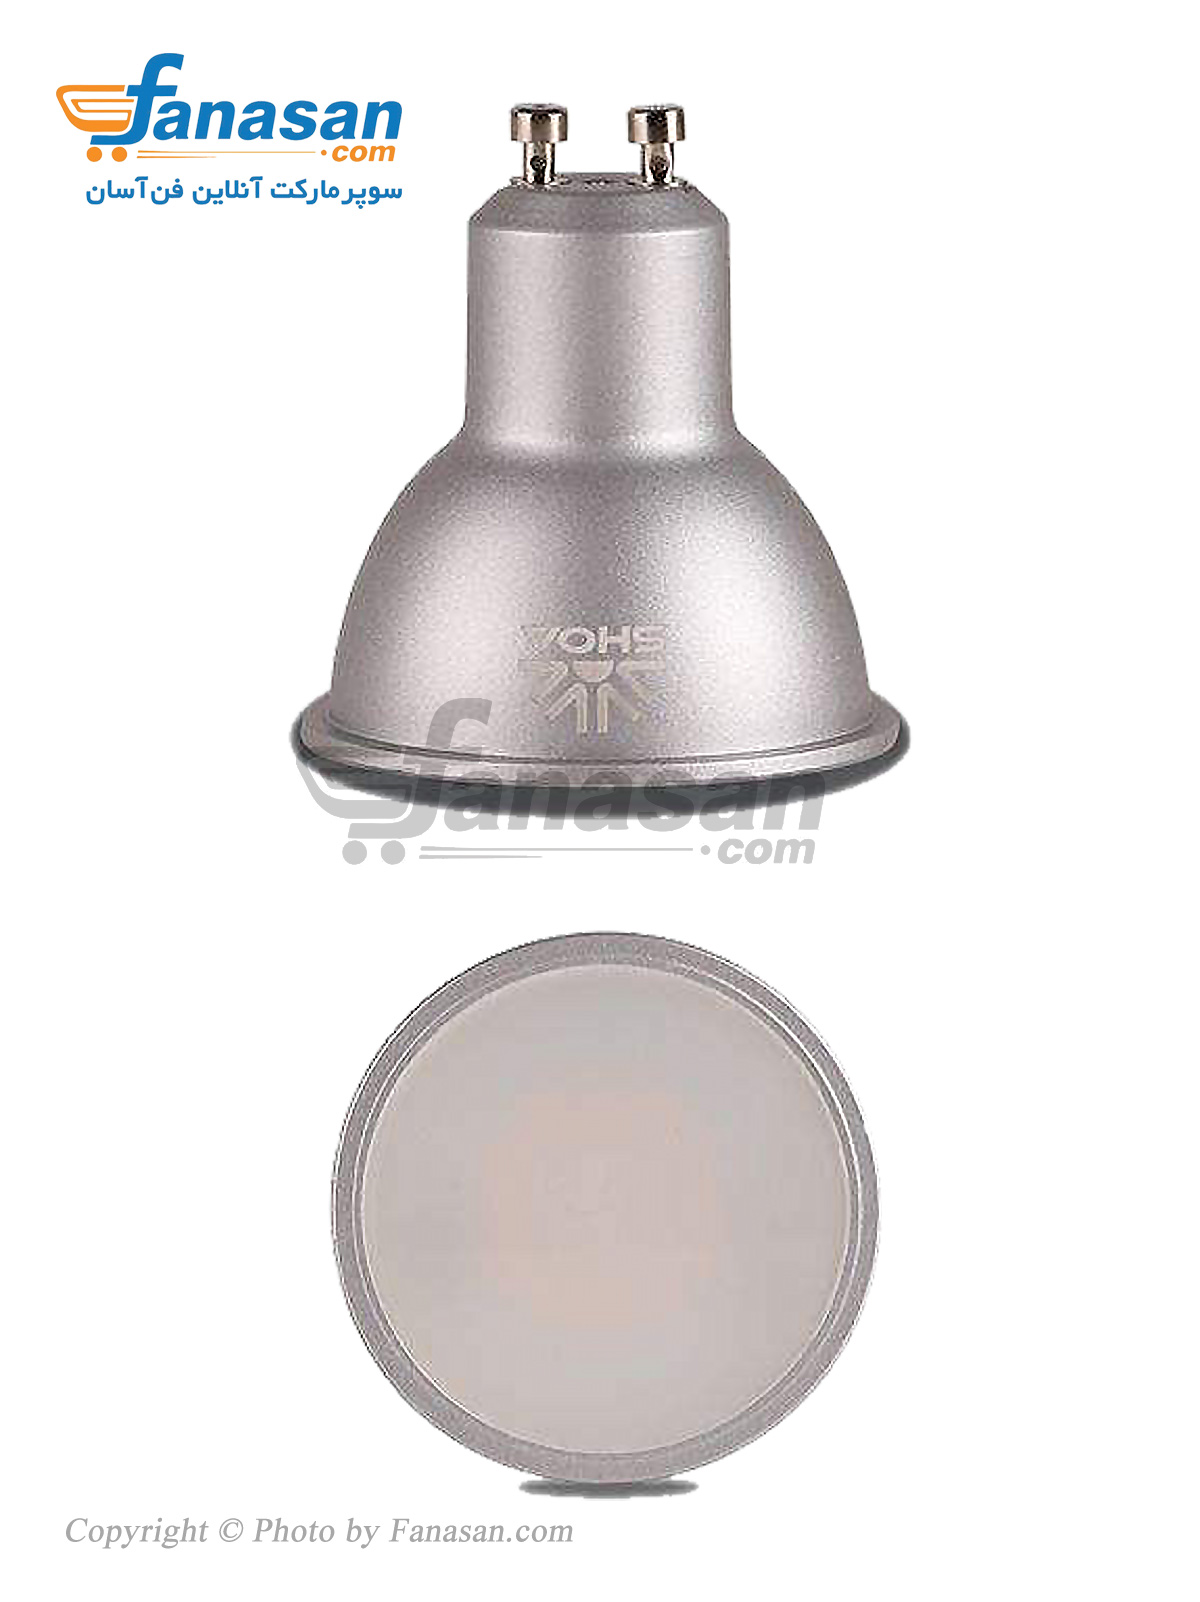 لامپ هالوژن آفتابی شعاع پایه GU10 اس ام دی 105 درجه 7 وات